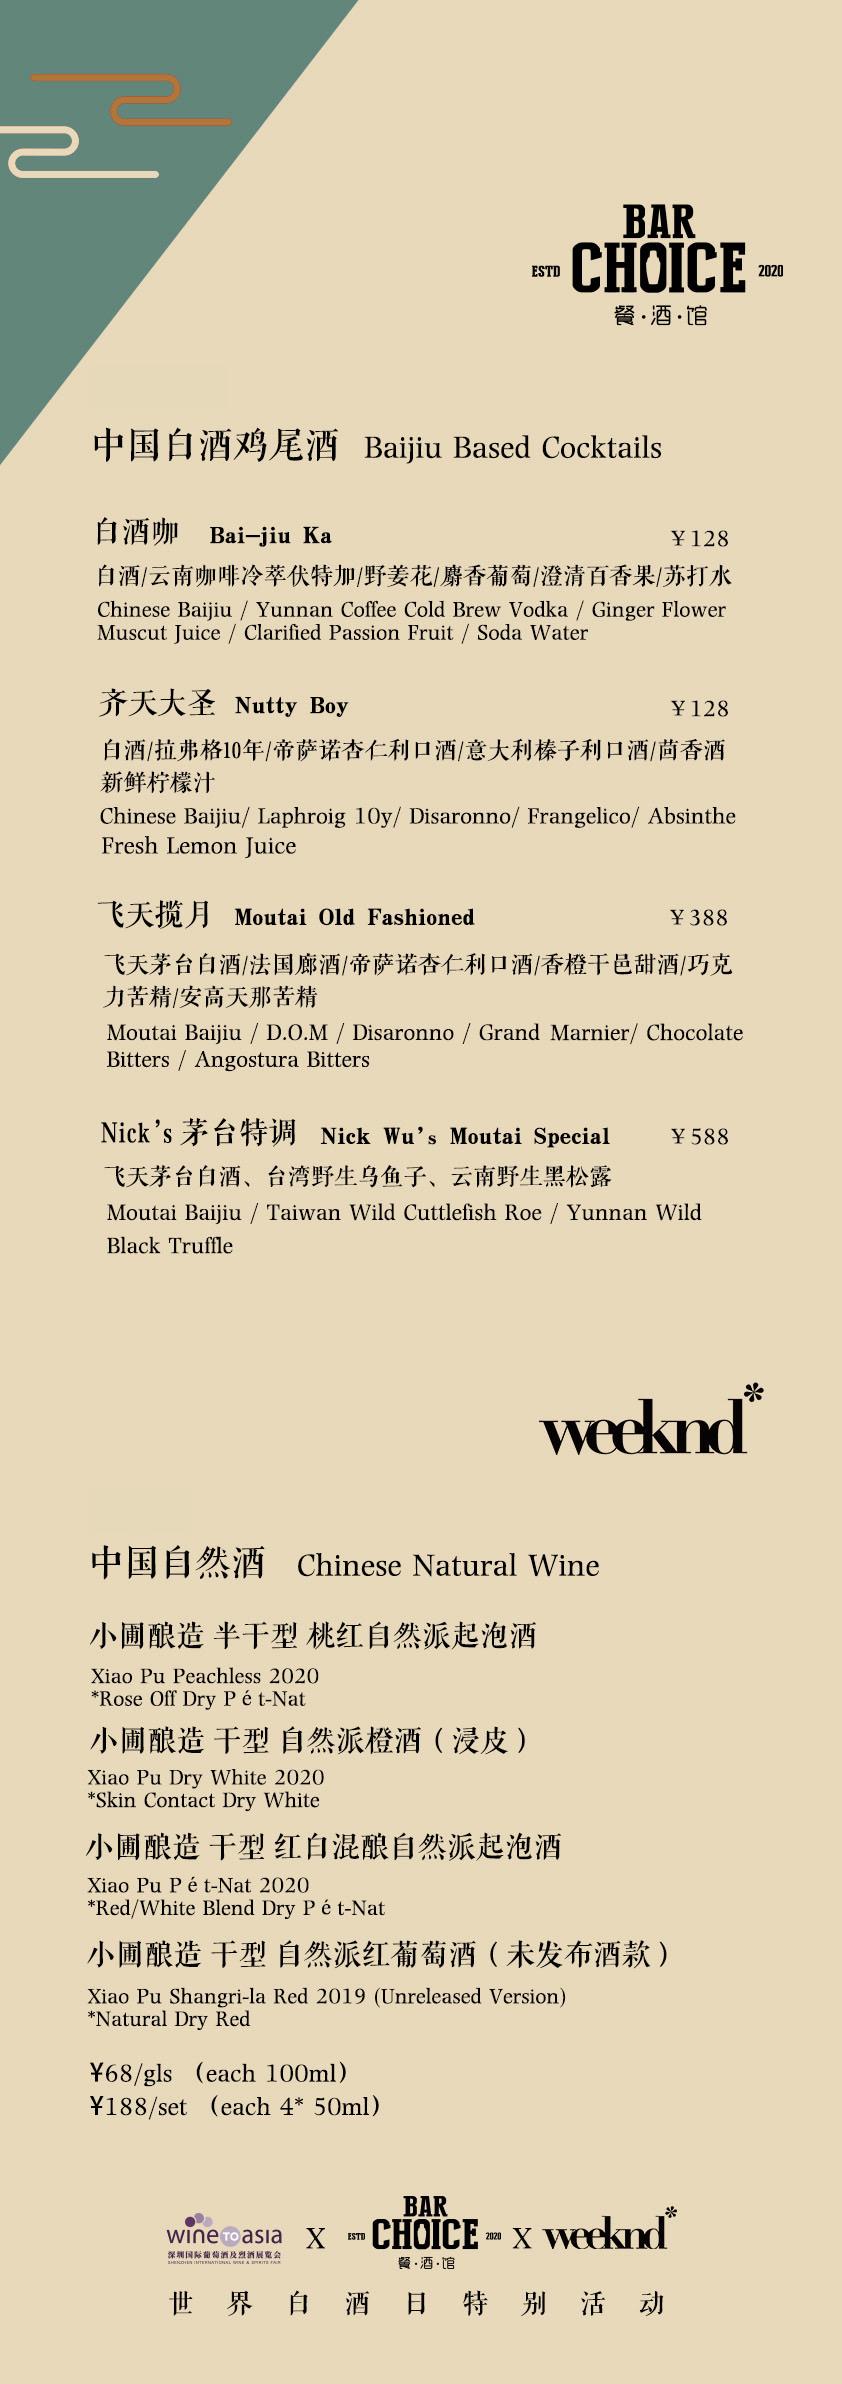 world-baijiu-day-2021-shenzhen-bar-choice-weeknd-wine-to-asia-87